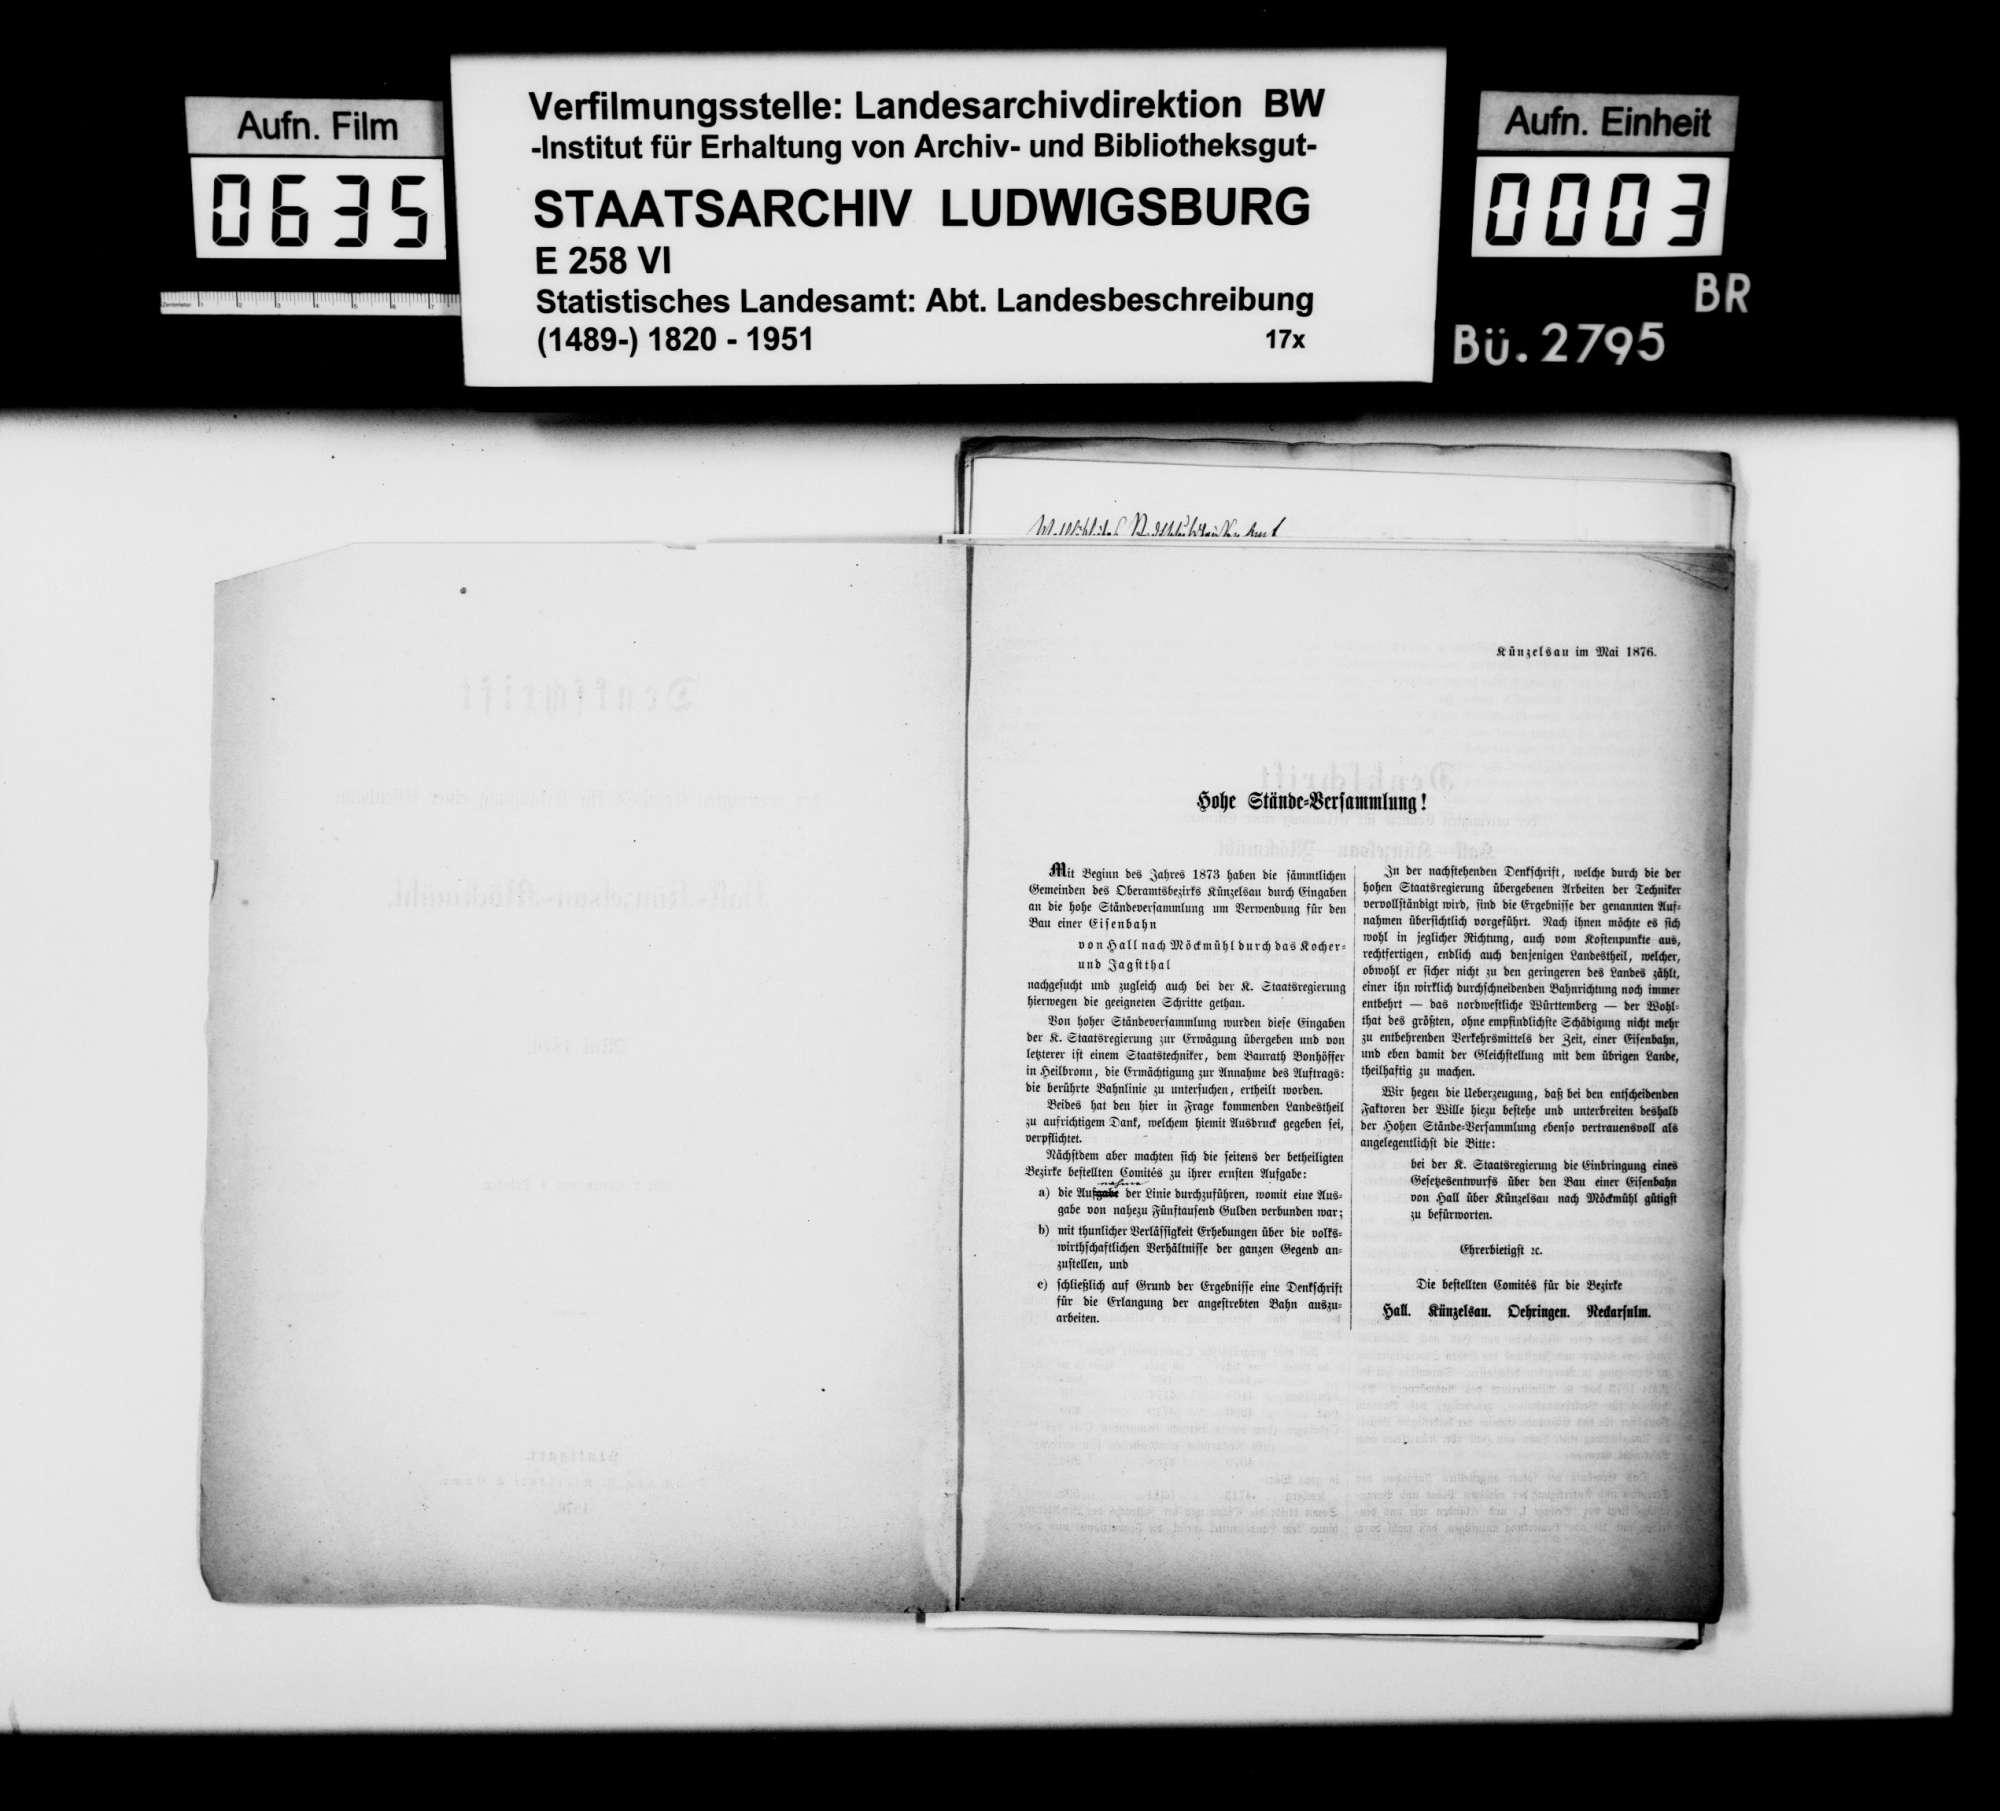 Nachrichtenakquisition des Finanzrats Roth aus Neuenstadt für die Bearbeitung der Geschichte von Möckmühl, Bild 2